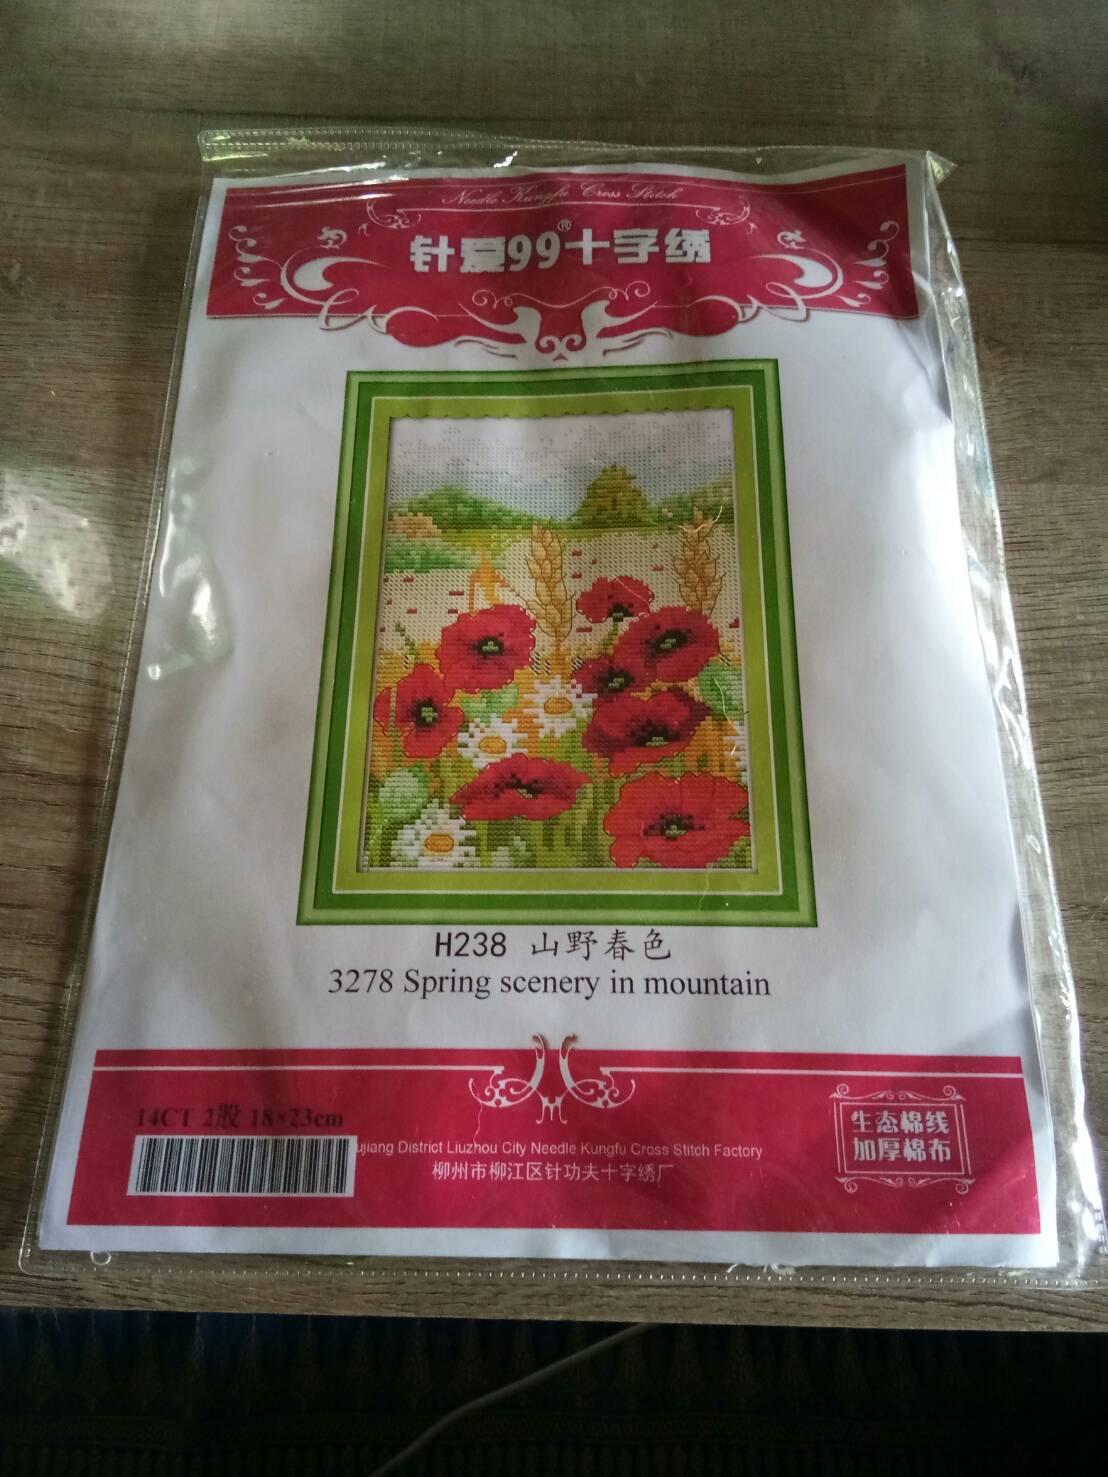 ชุดปักครอสติช ลายดอกไม้ ขนาด 18*23 ซม.ผ้าครอสติช 14 CT ไม่พิมพ์ลายปัก ไหมคอตตอน สี+ผังลาย+เข็ม (ส่งฟรี)